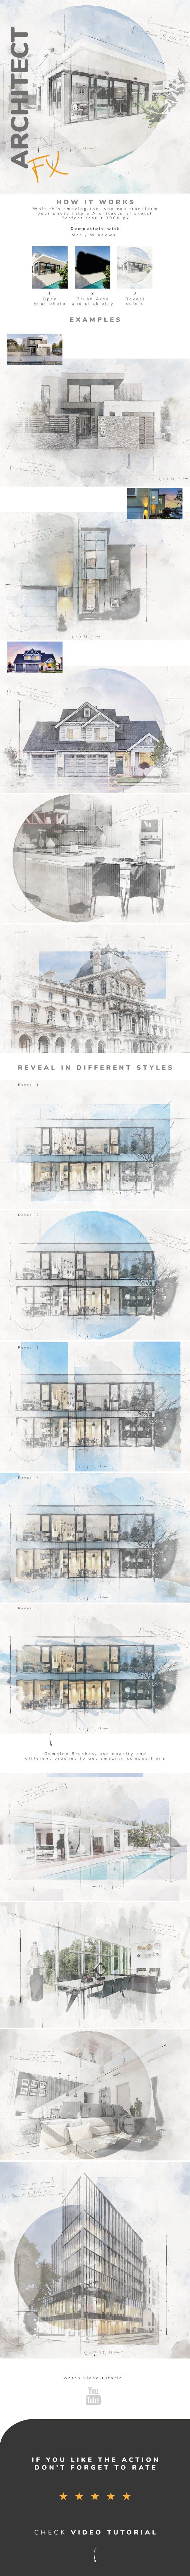 Architecture Photoshop Action